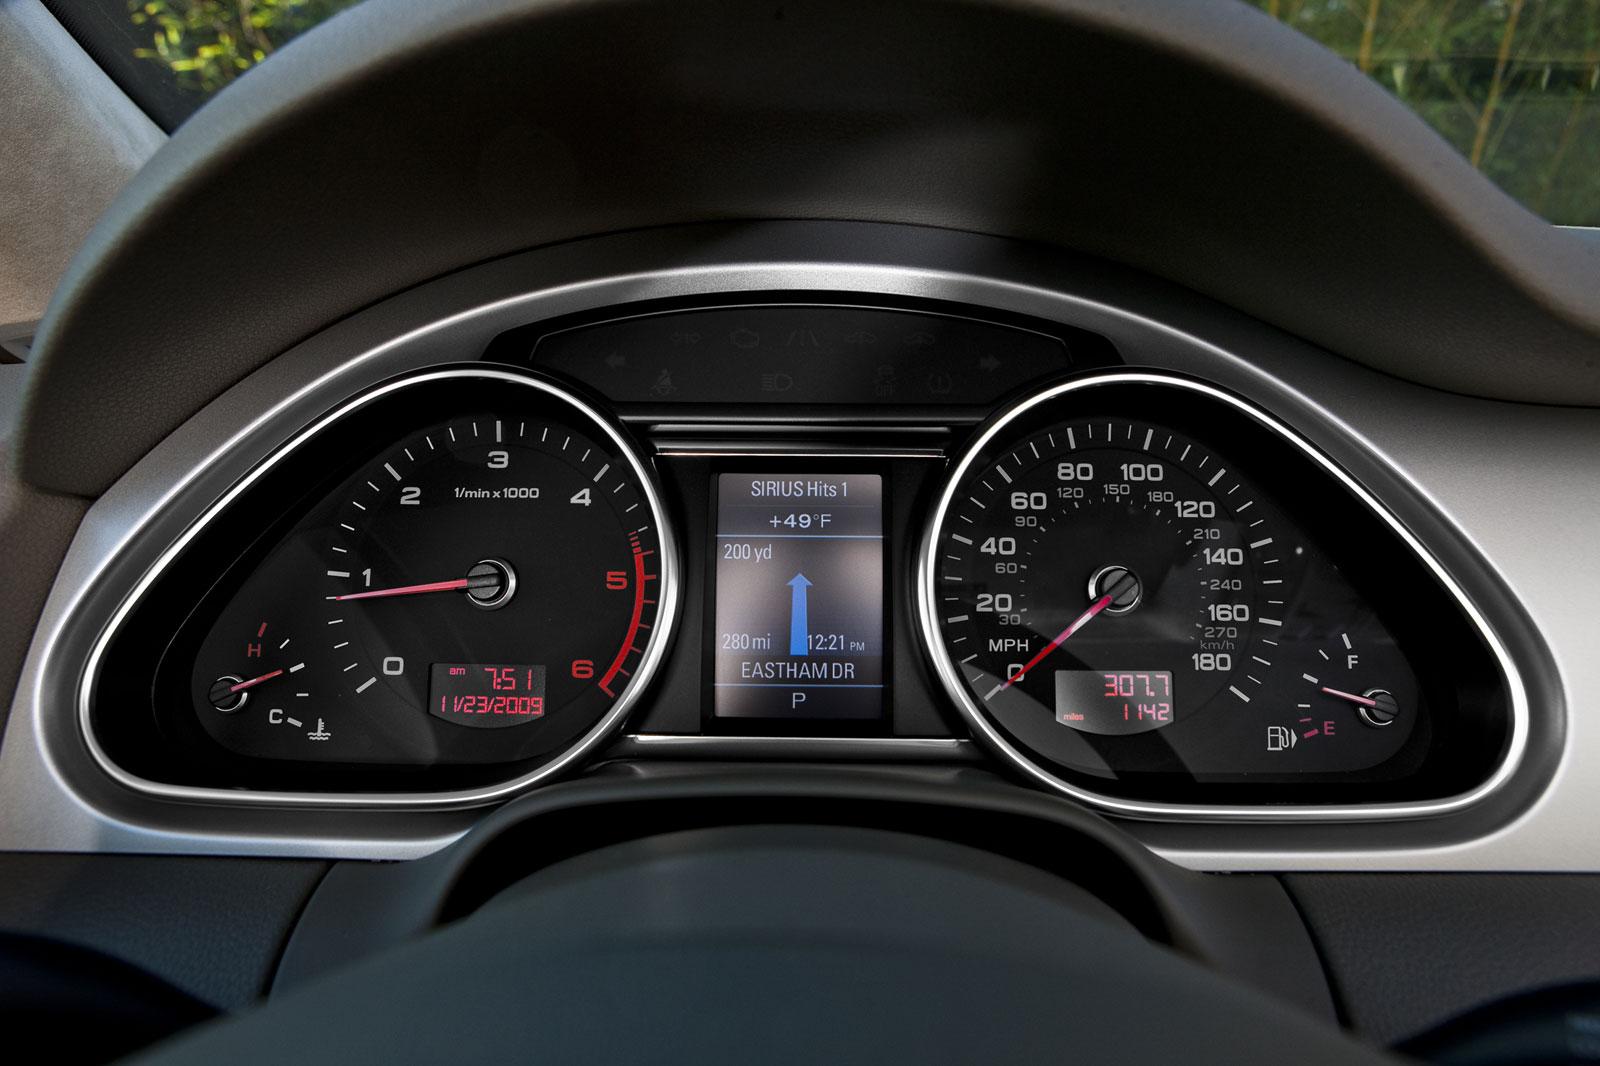 http://3.bp.blogspot.com/-wJosVO0ixGQ/T-CgUx7X3YI/AAAAAAAADpU/8fWvAUcvNGA/s1600/Audi+Q7+3.0+TDI+S+line+hd+Wallpapers+2011_4.jpg